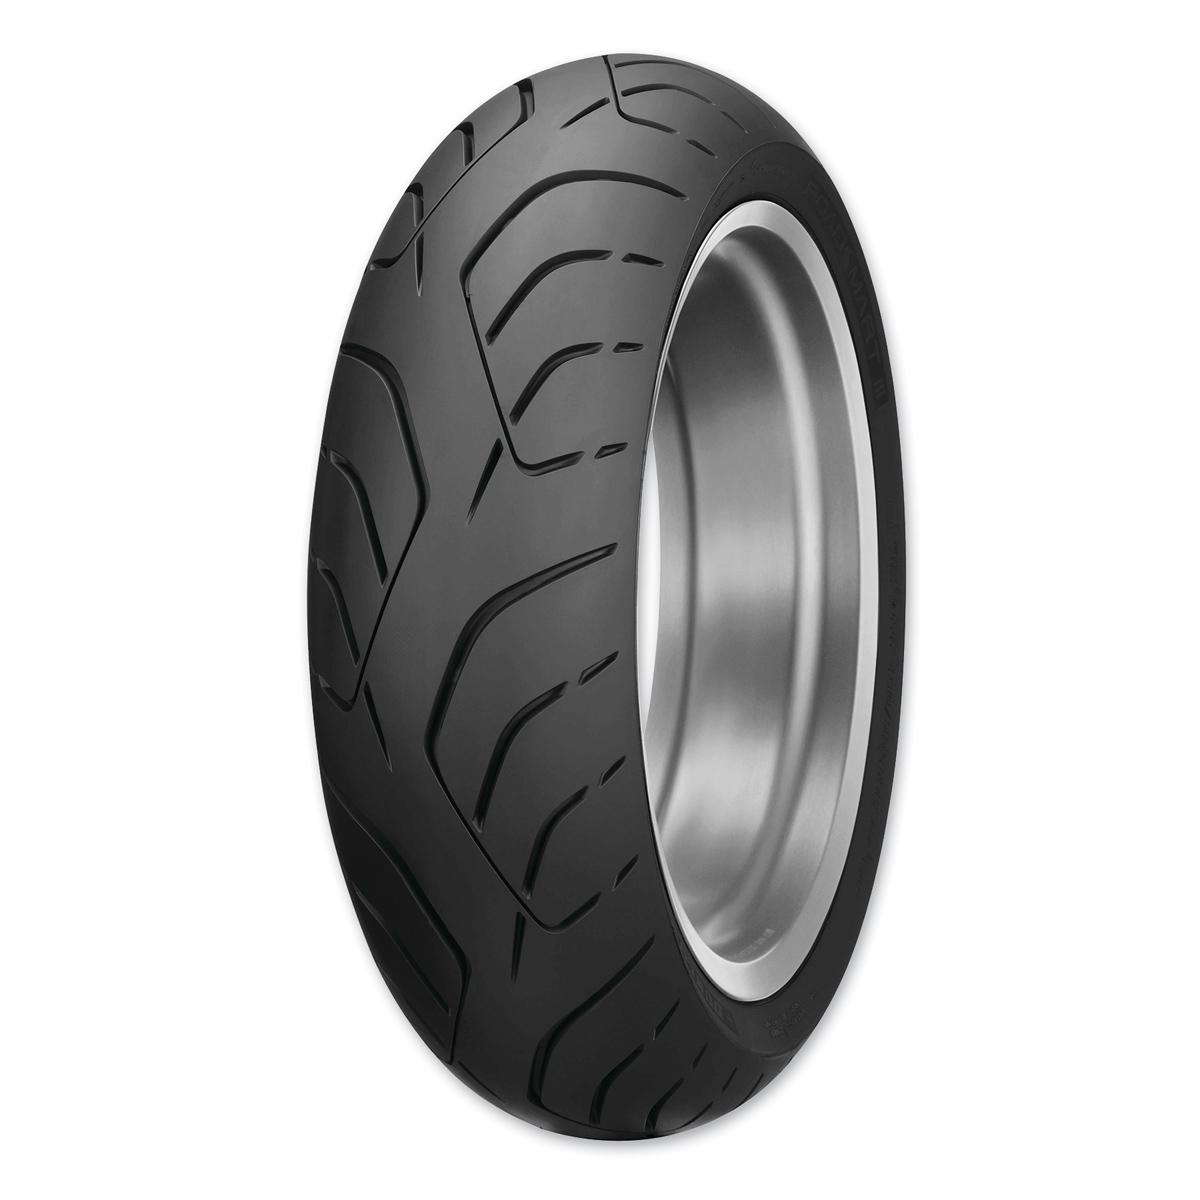 Dunlop Roadsmart III 190/55ZR17 Rear Tire